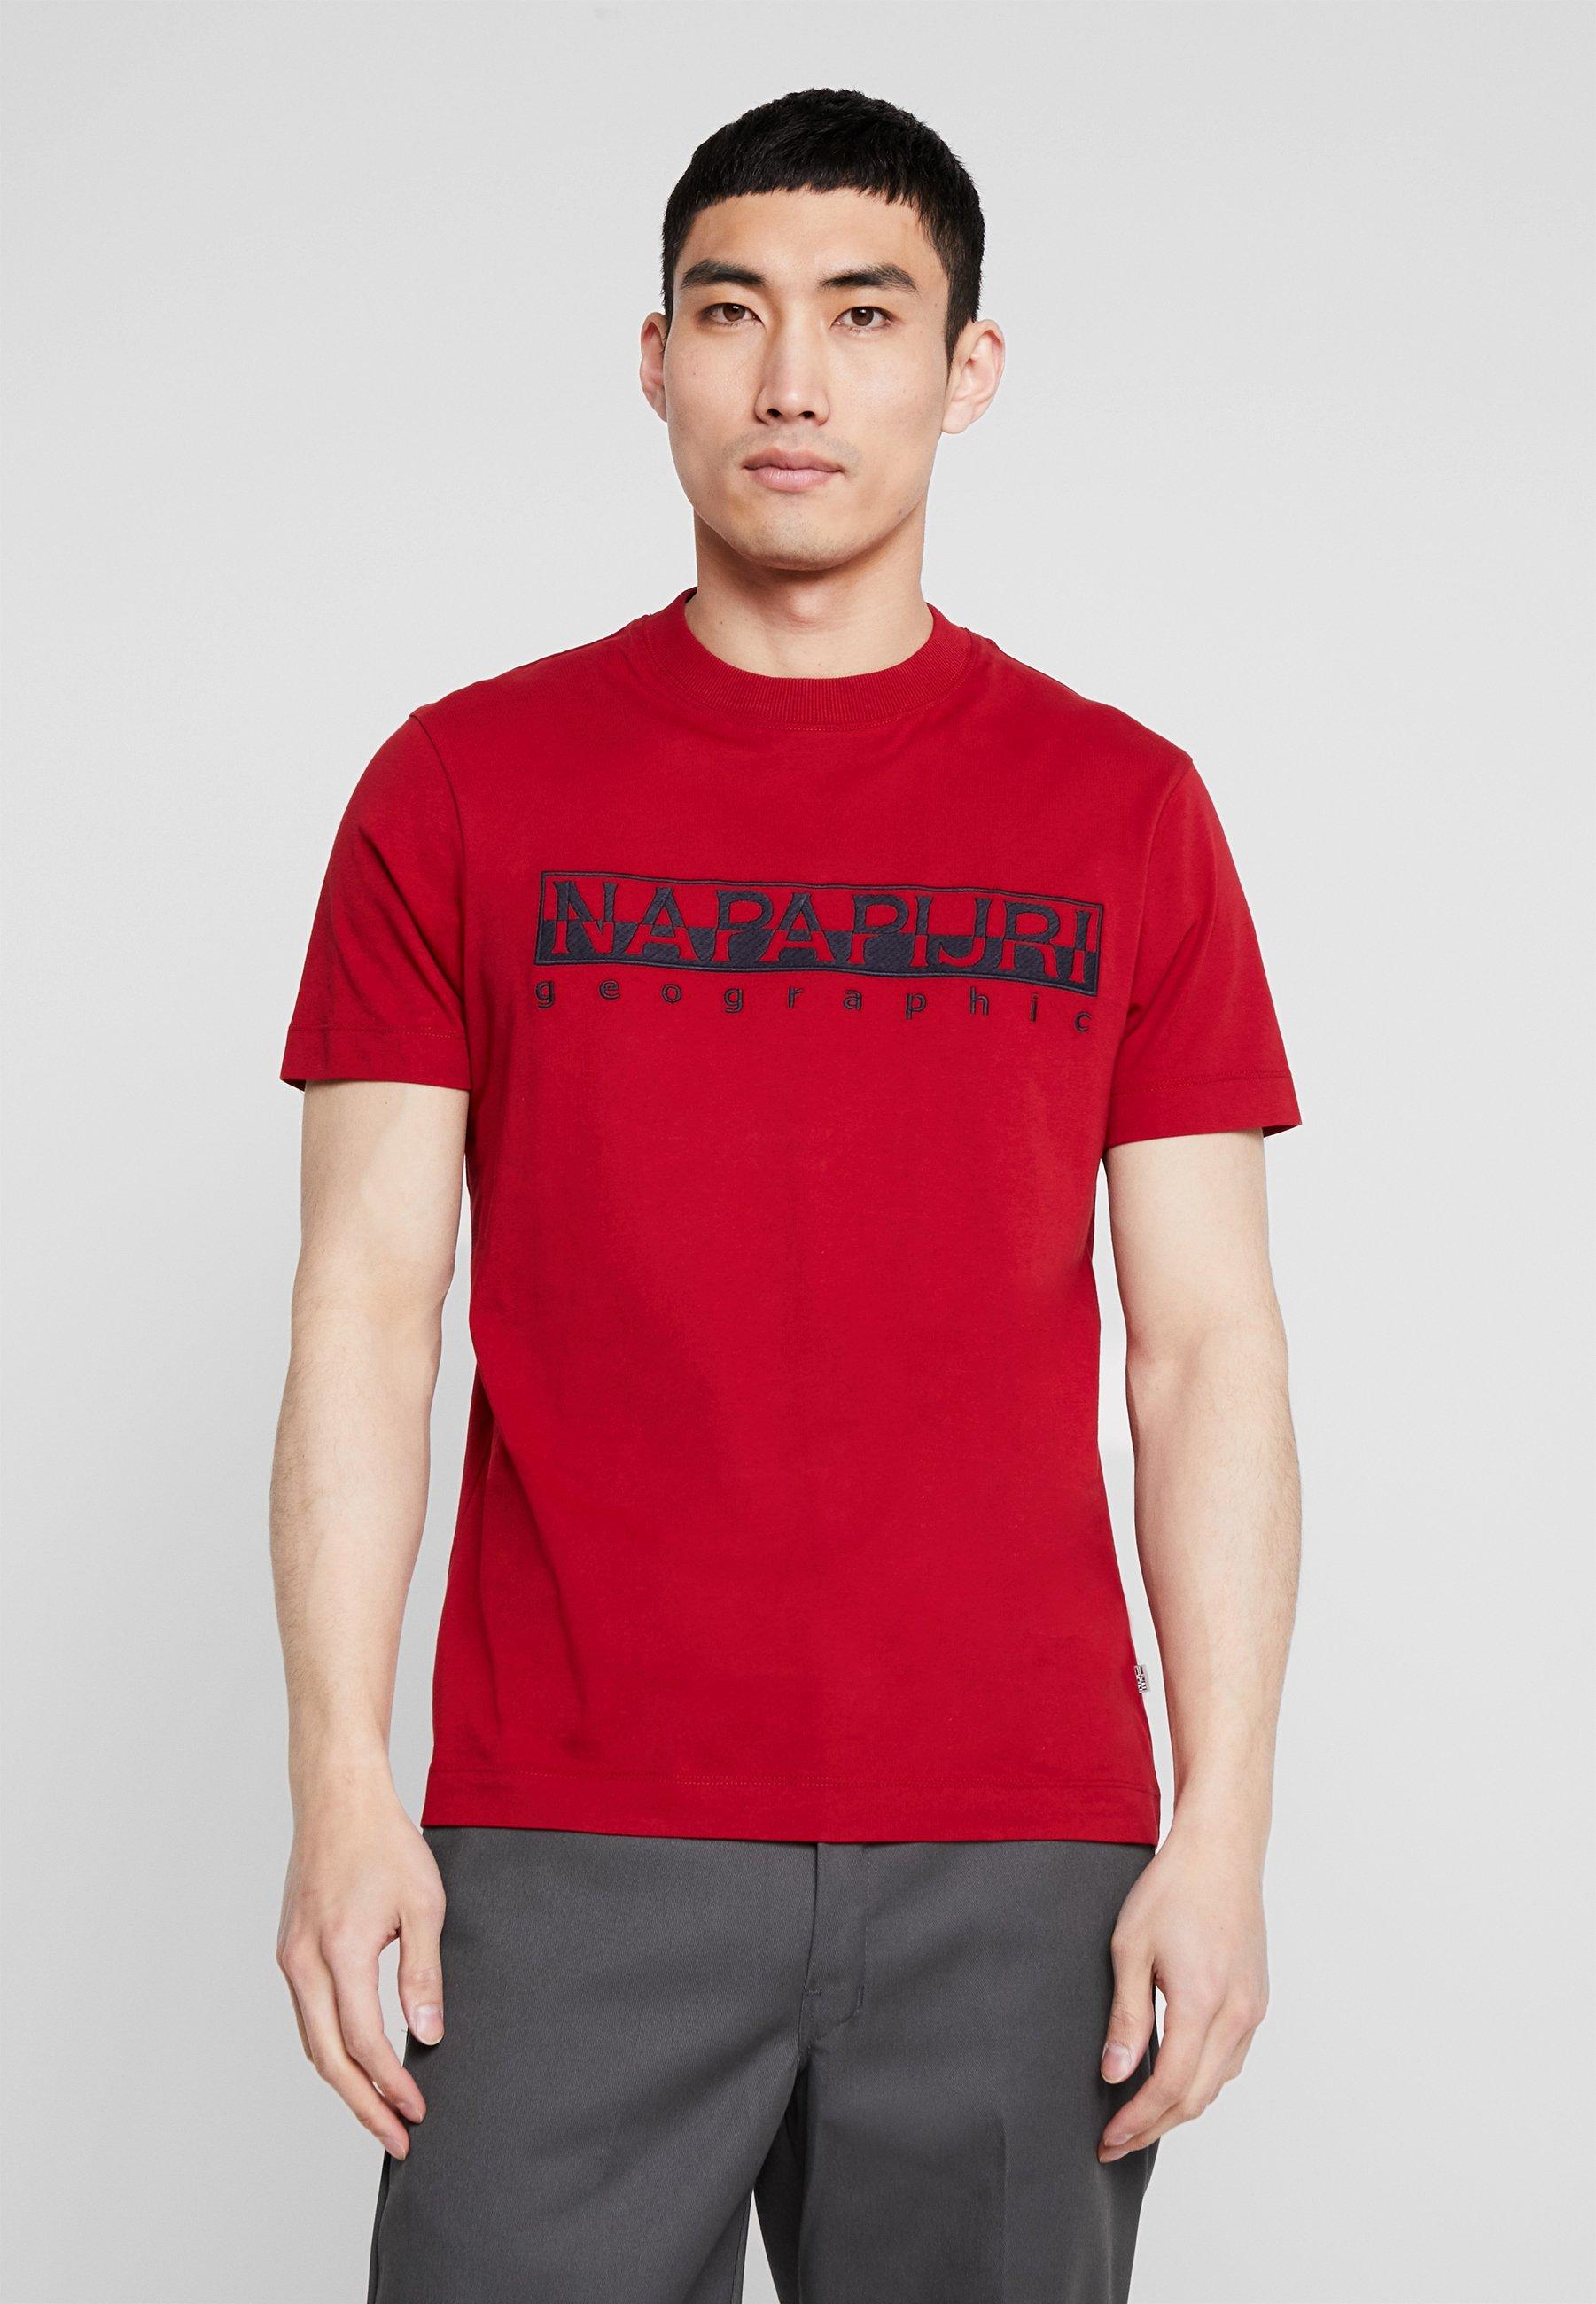 Serber shirt Imprimé EmbroT Red Napapijri lJFTK1c